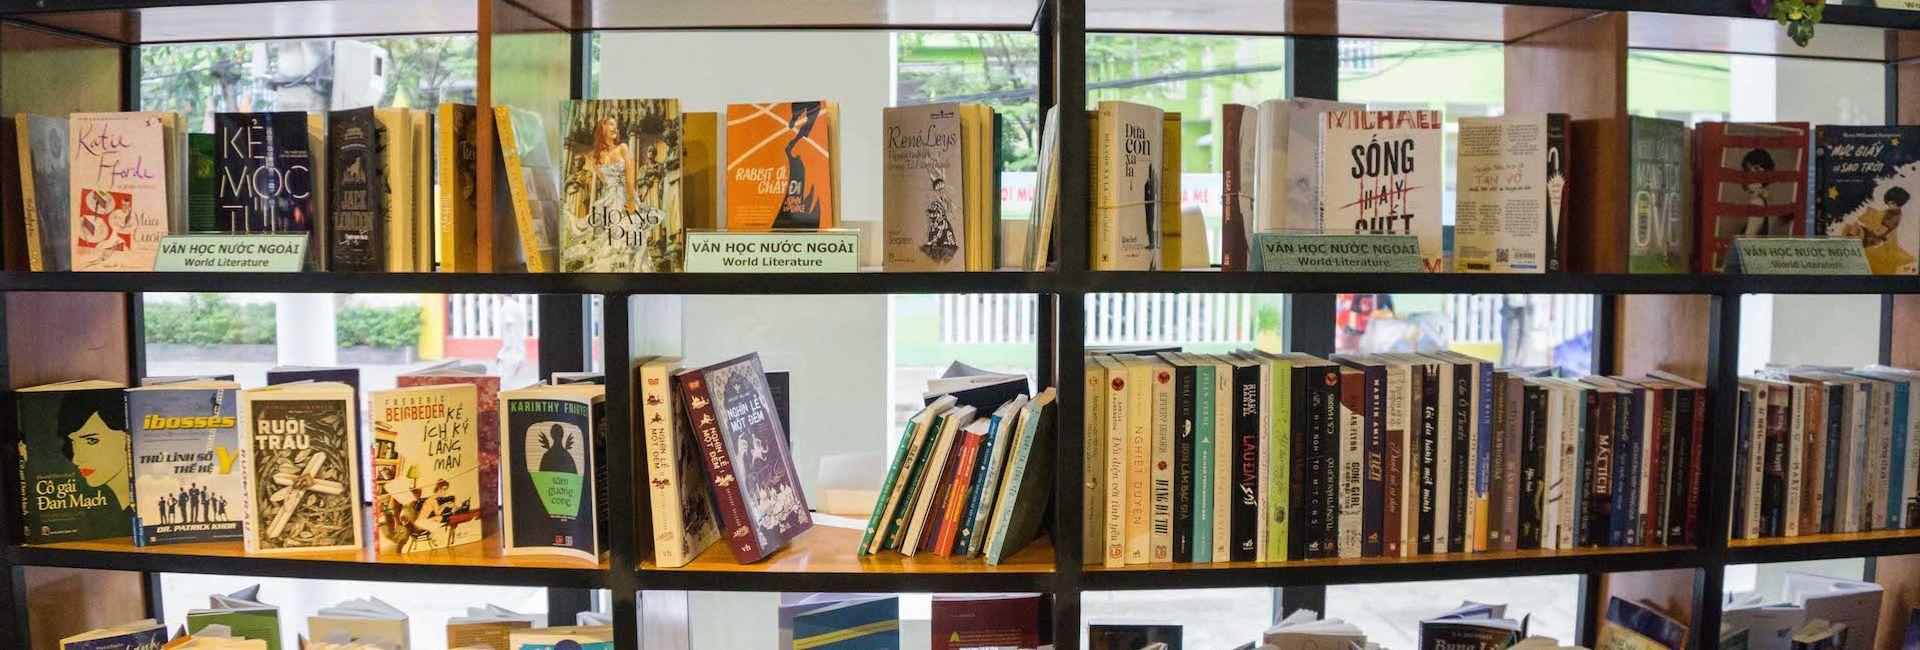 Check-in 5 quán cafe sách đẹp nhất Đà Nẵng